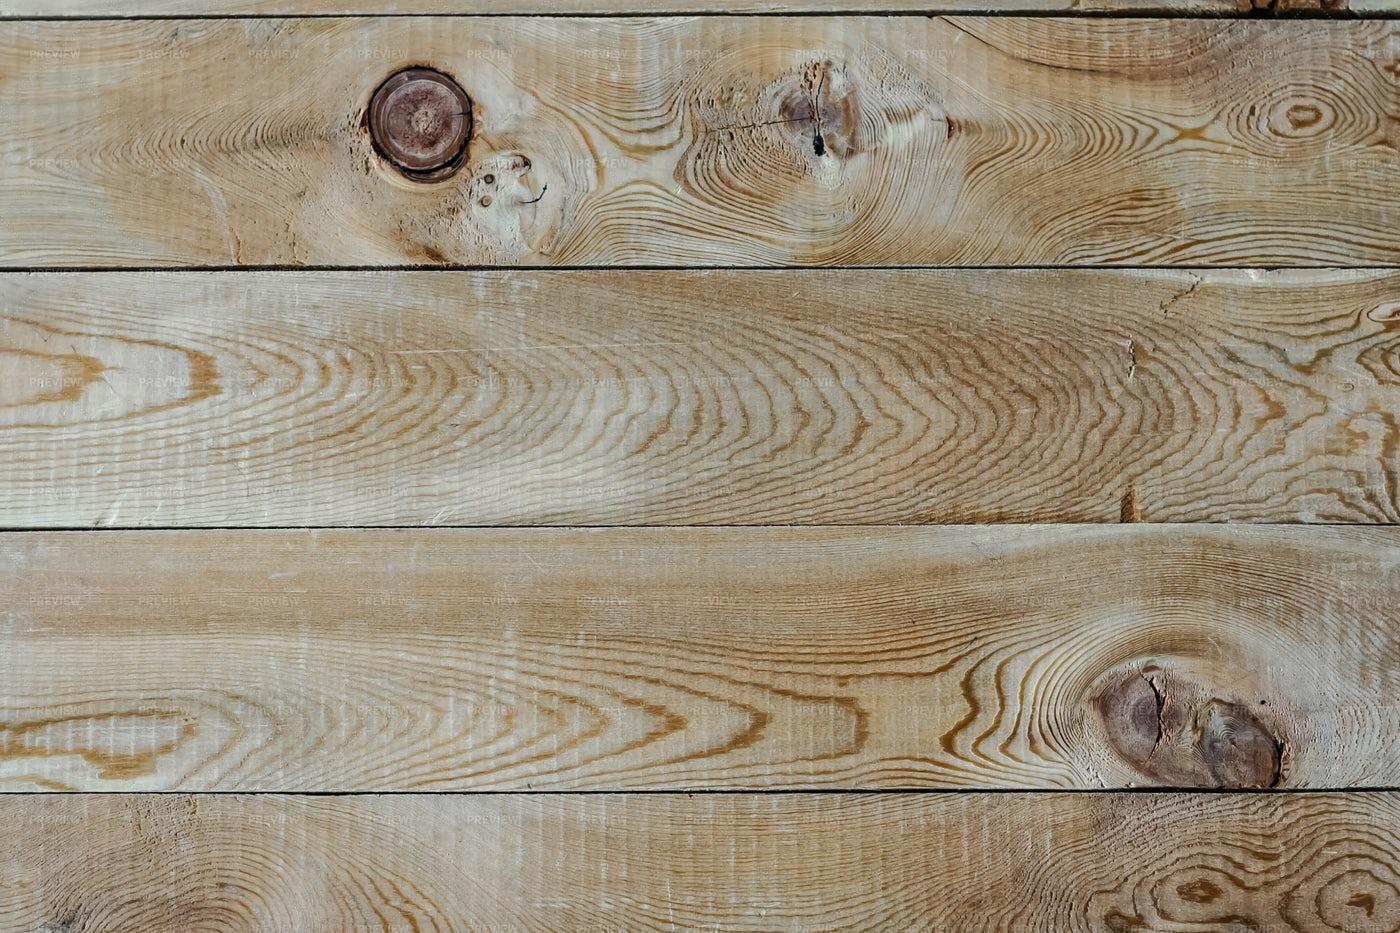 Wood Panels Texture: Stock Photos